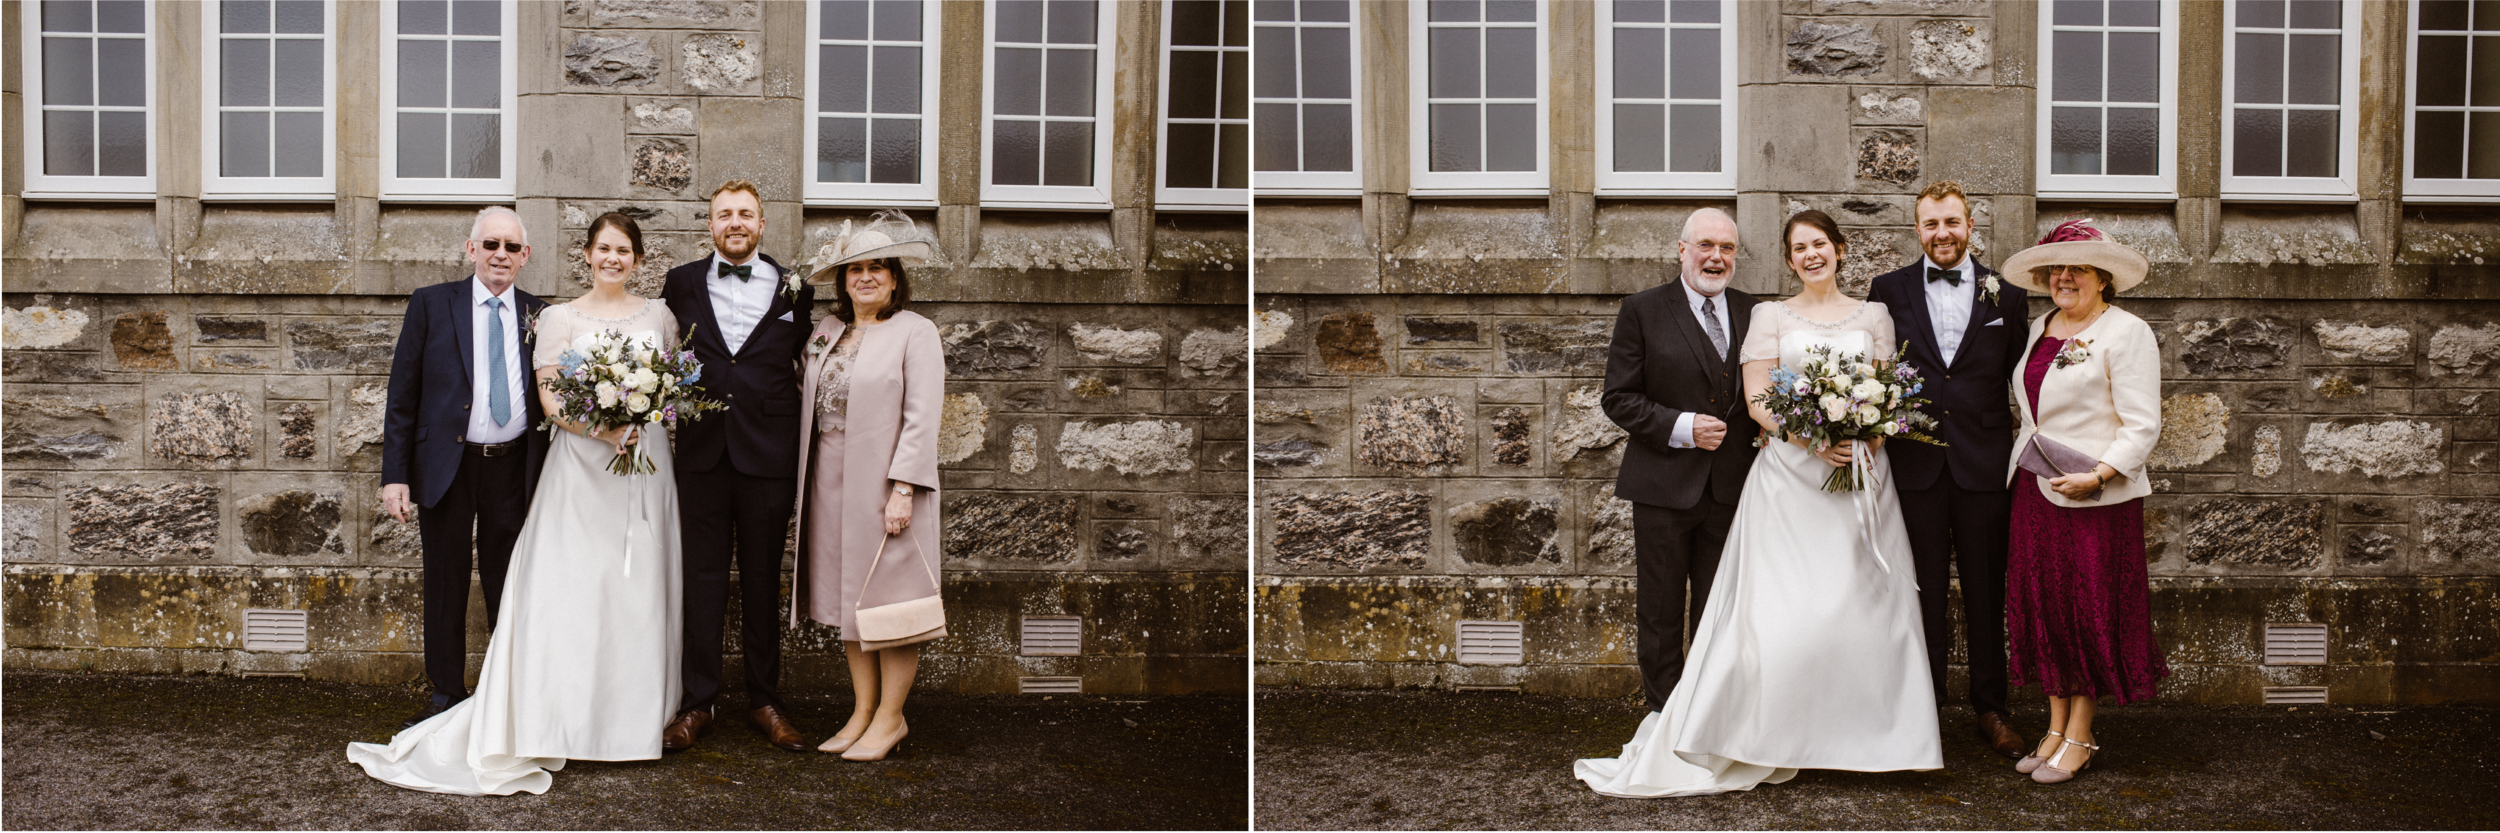 Ruth and David-33+34-06.jpg